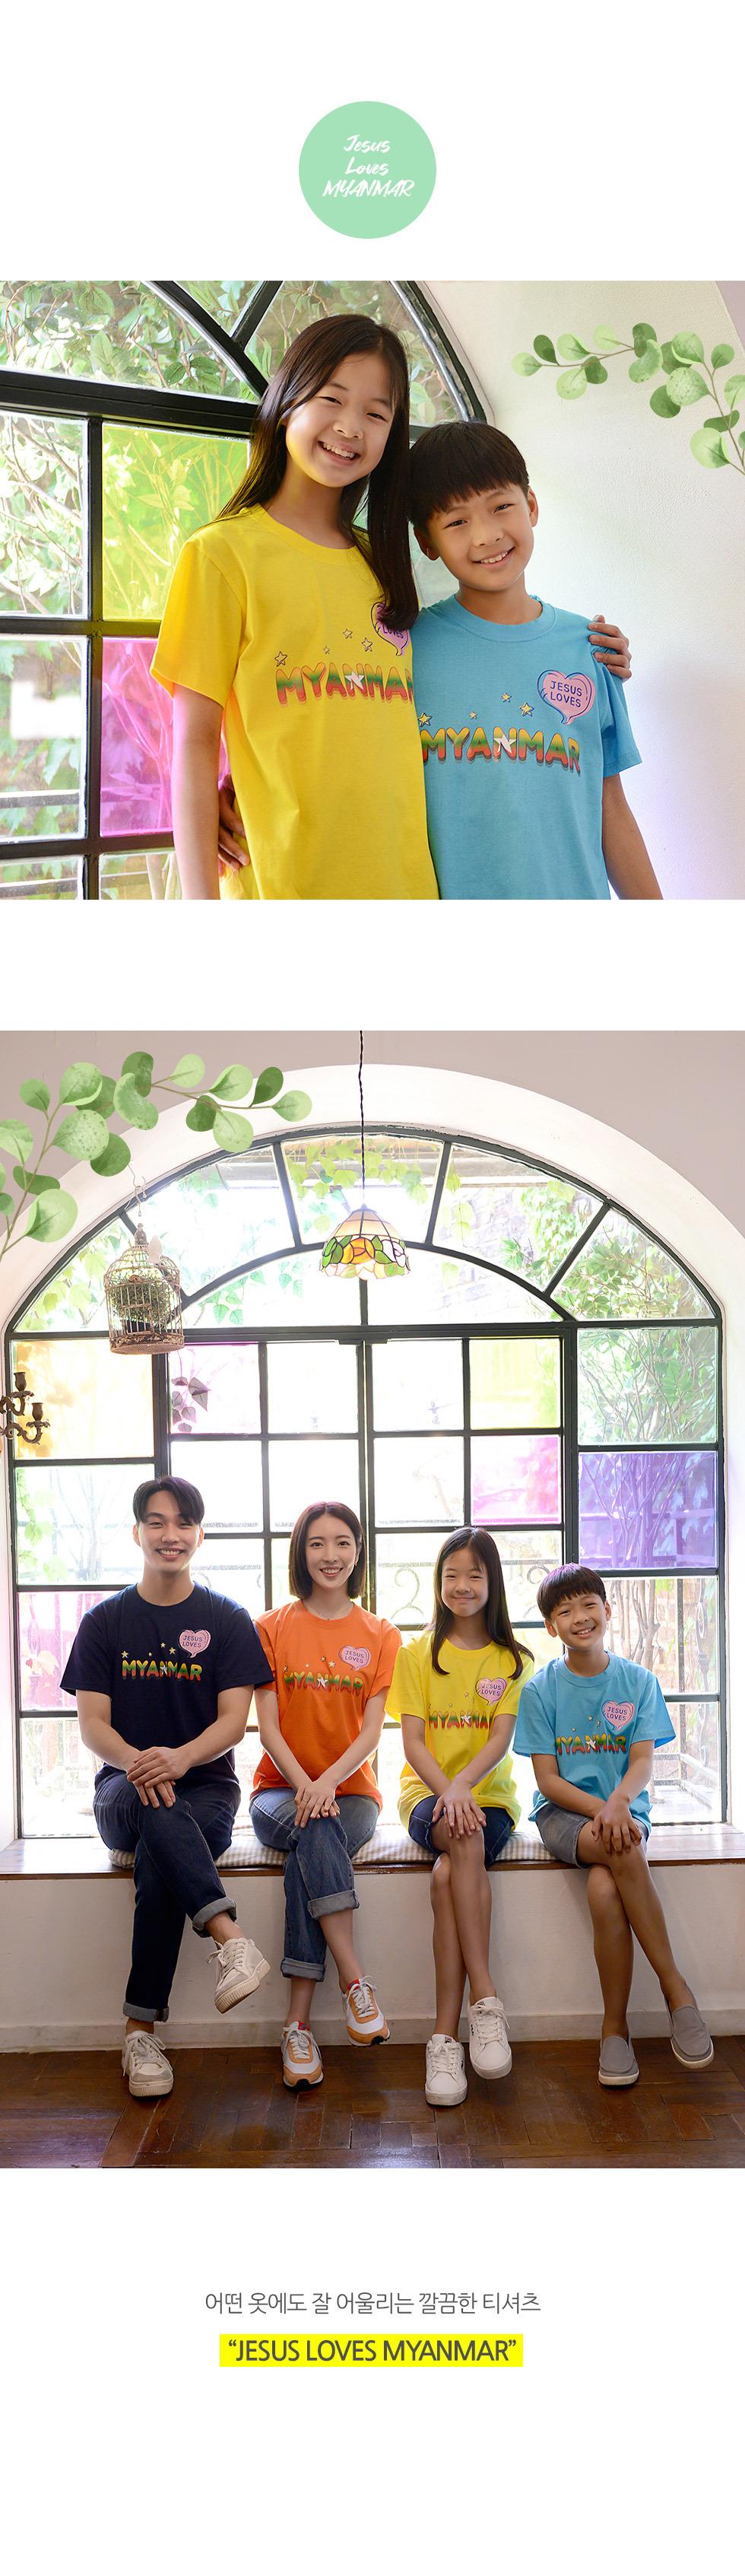 교회 단체티셔츠 미얀마 선교티 (Jesus loves Myanmar) - 미션트립 단체티셔츠 아동티셔츠(미얀마선교)